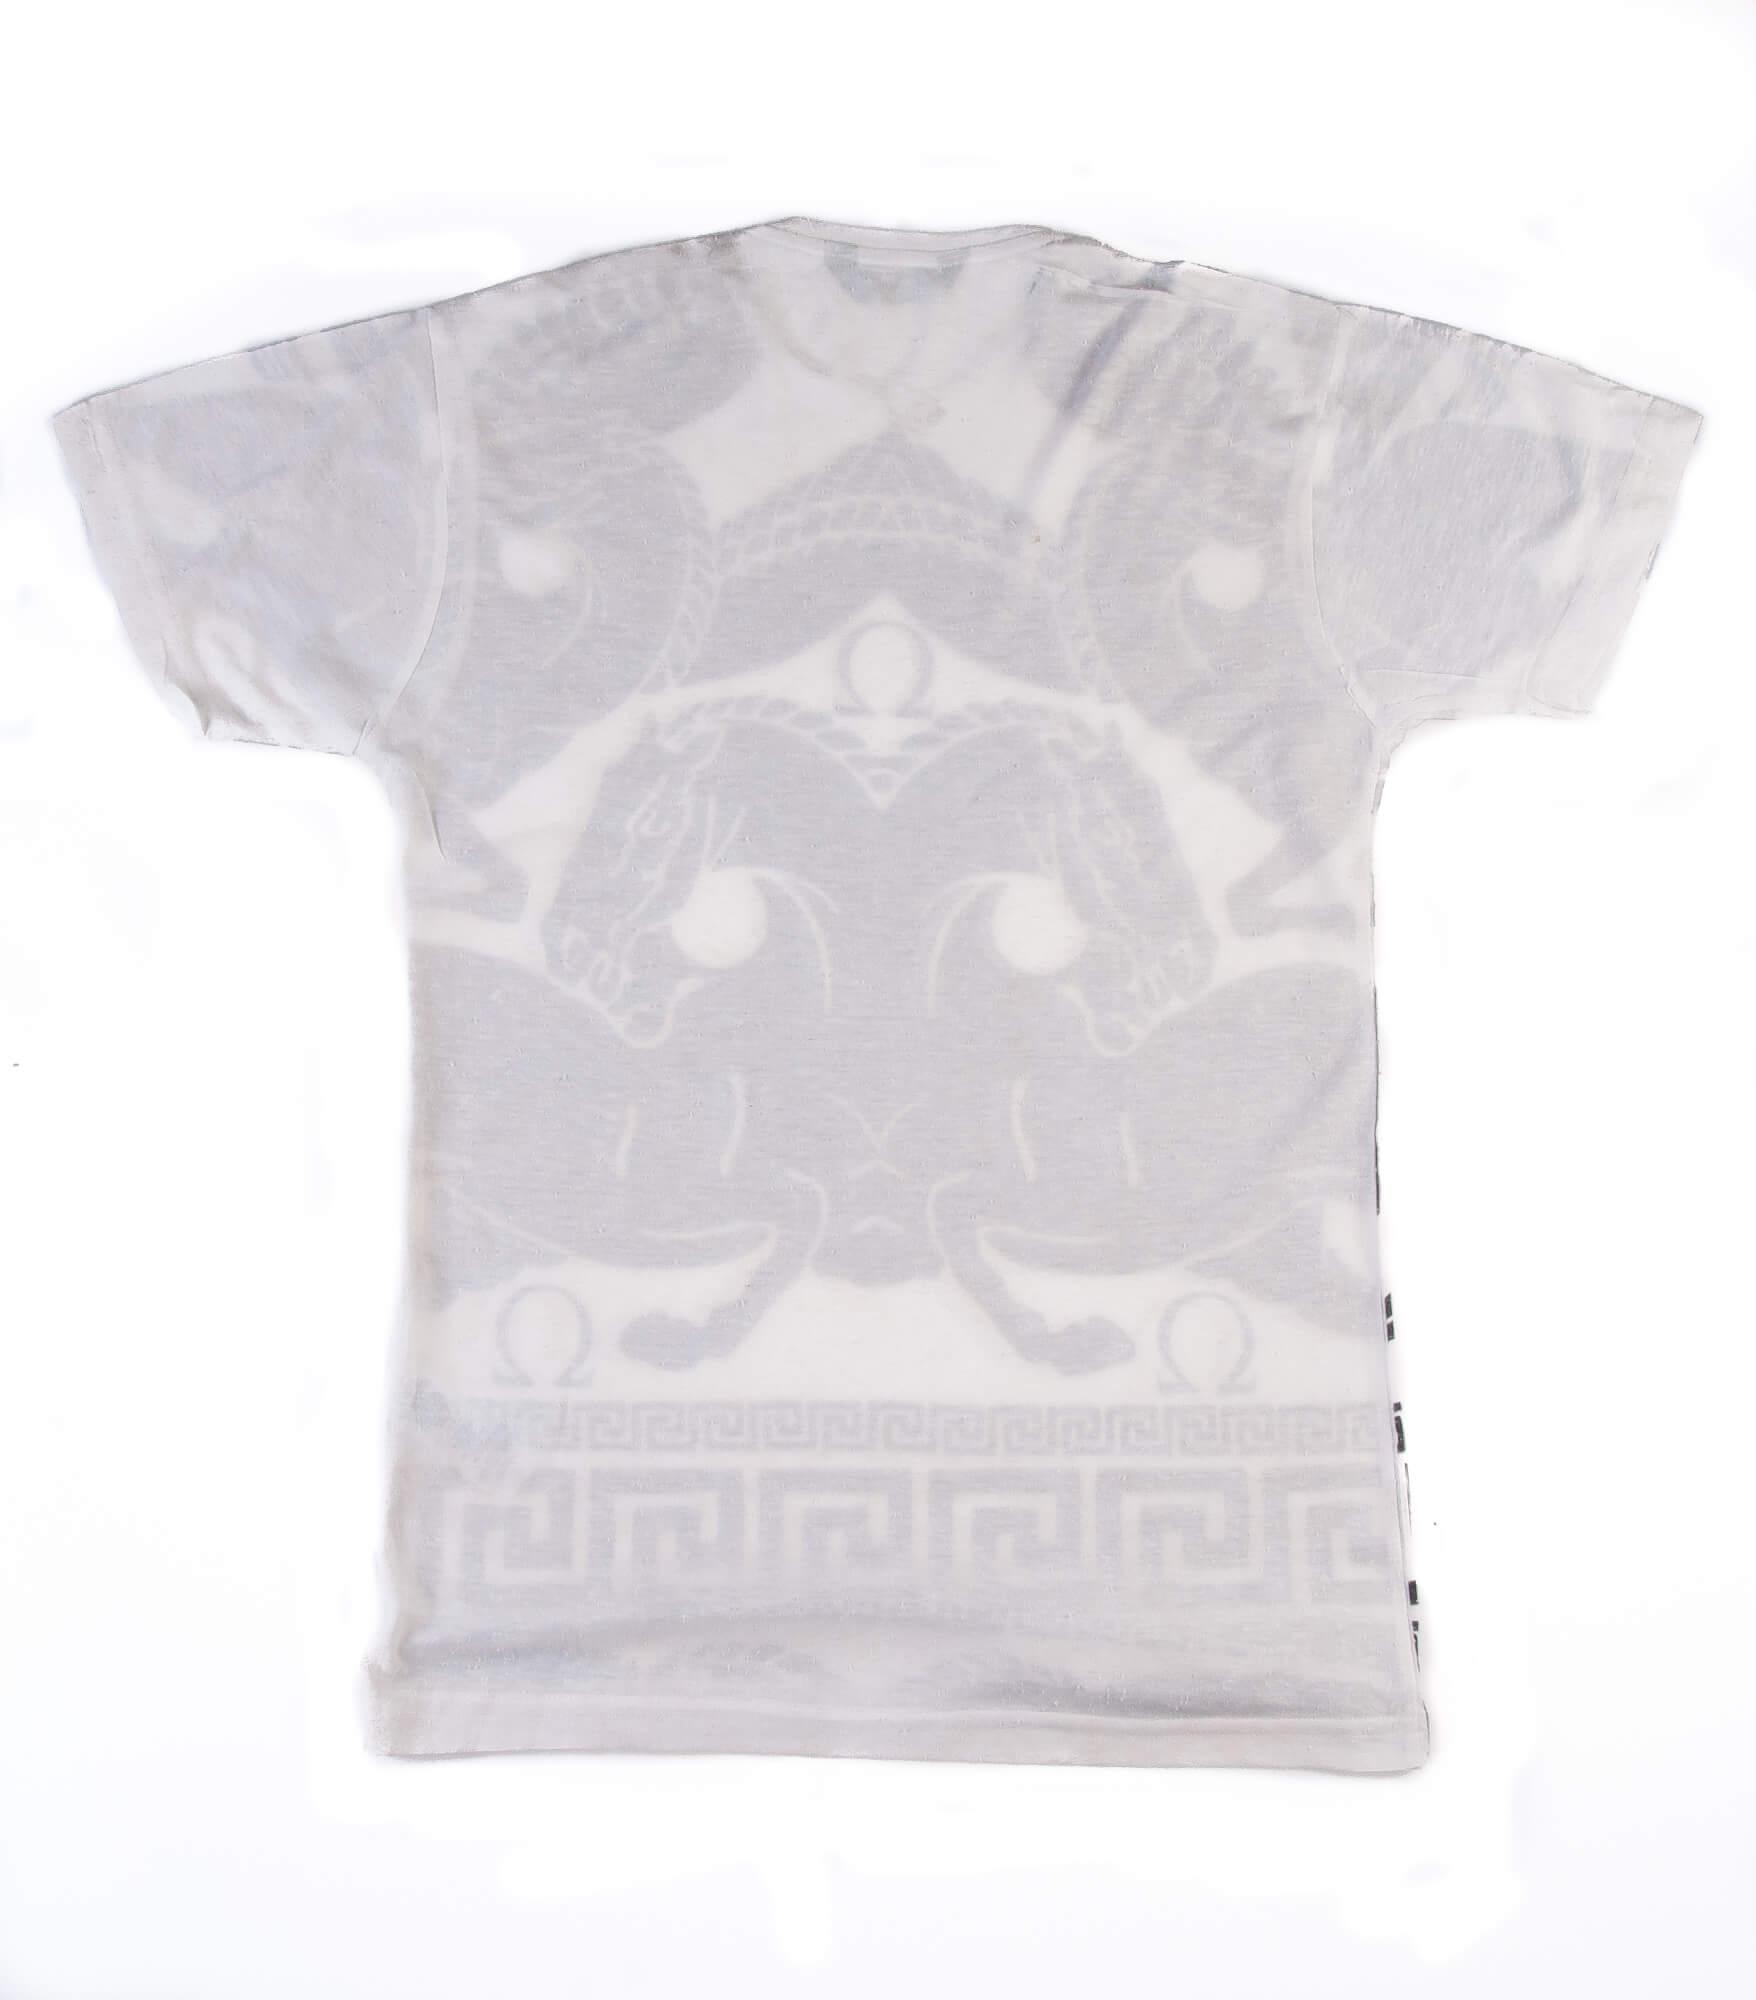 تی شرت مردانه برند S1025- CEDAR WOOD STATE